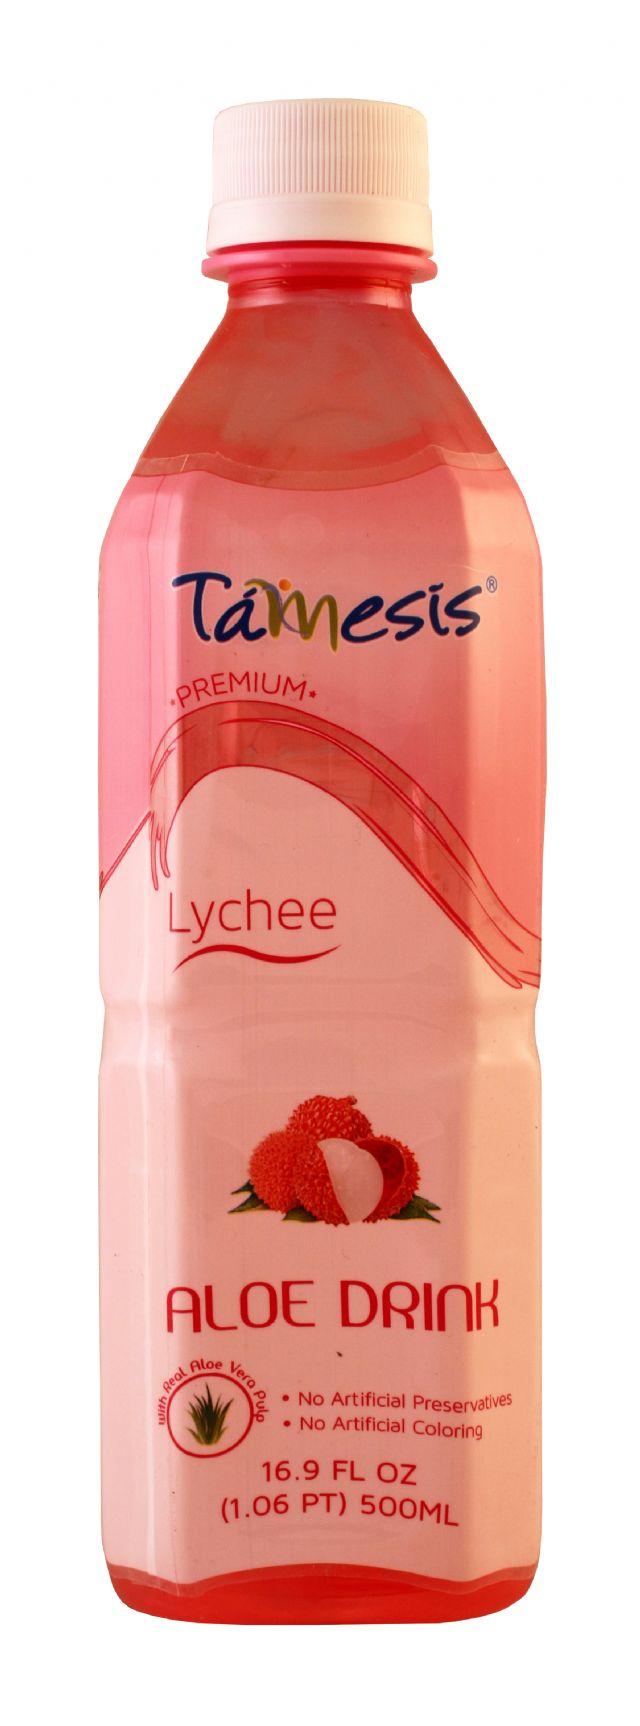 Tamesis Aloe Drink: Tamesis Lychee Front